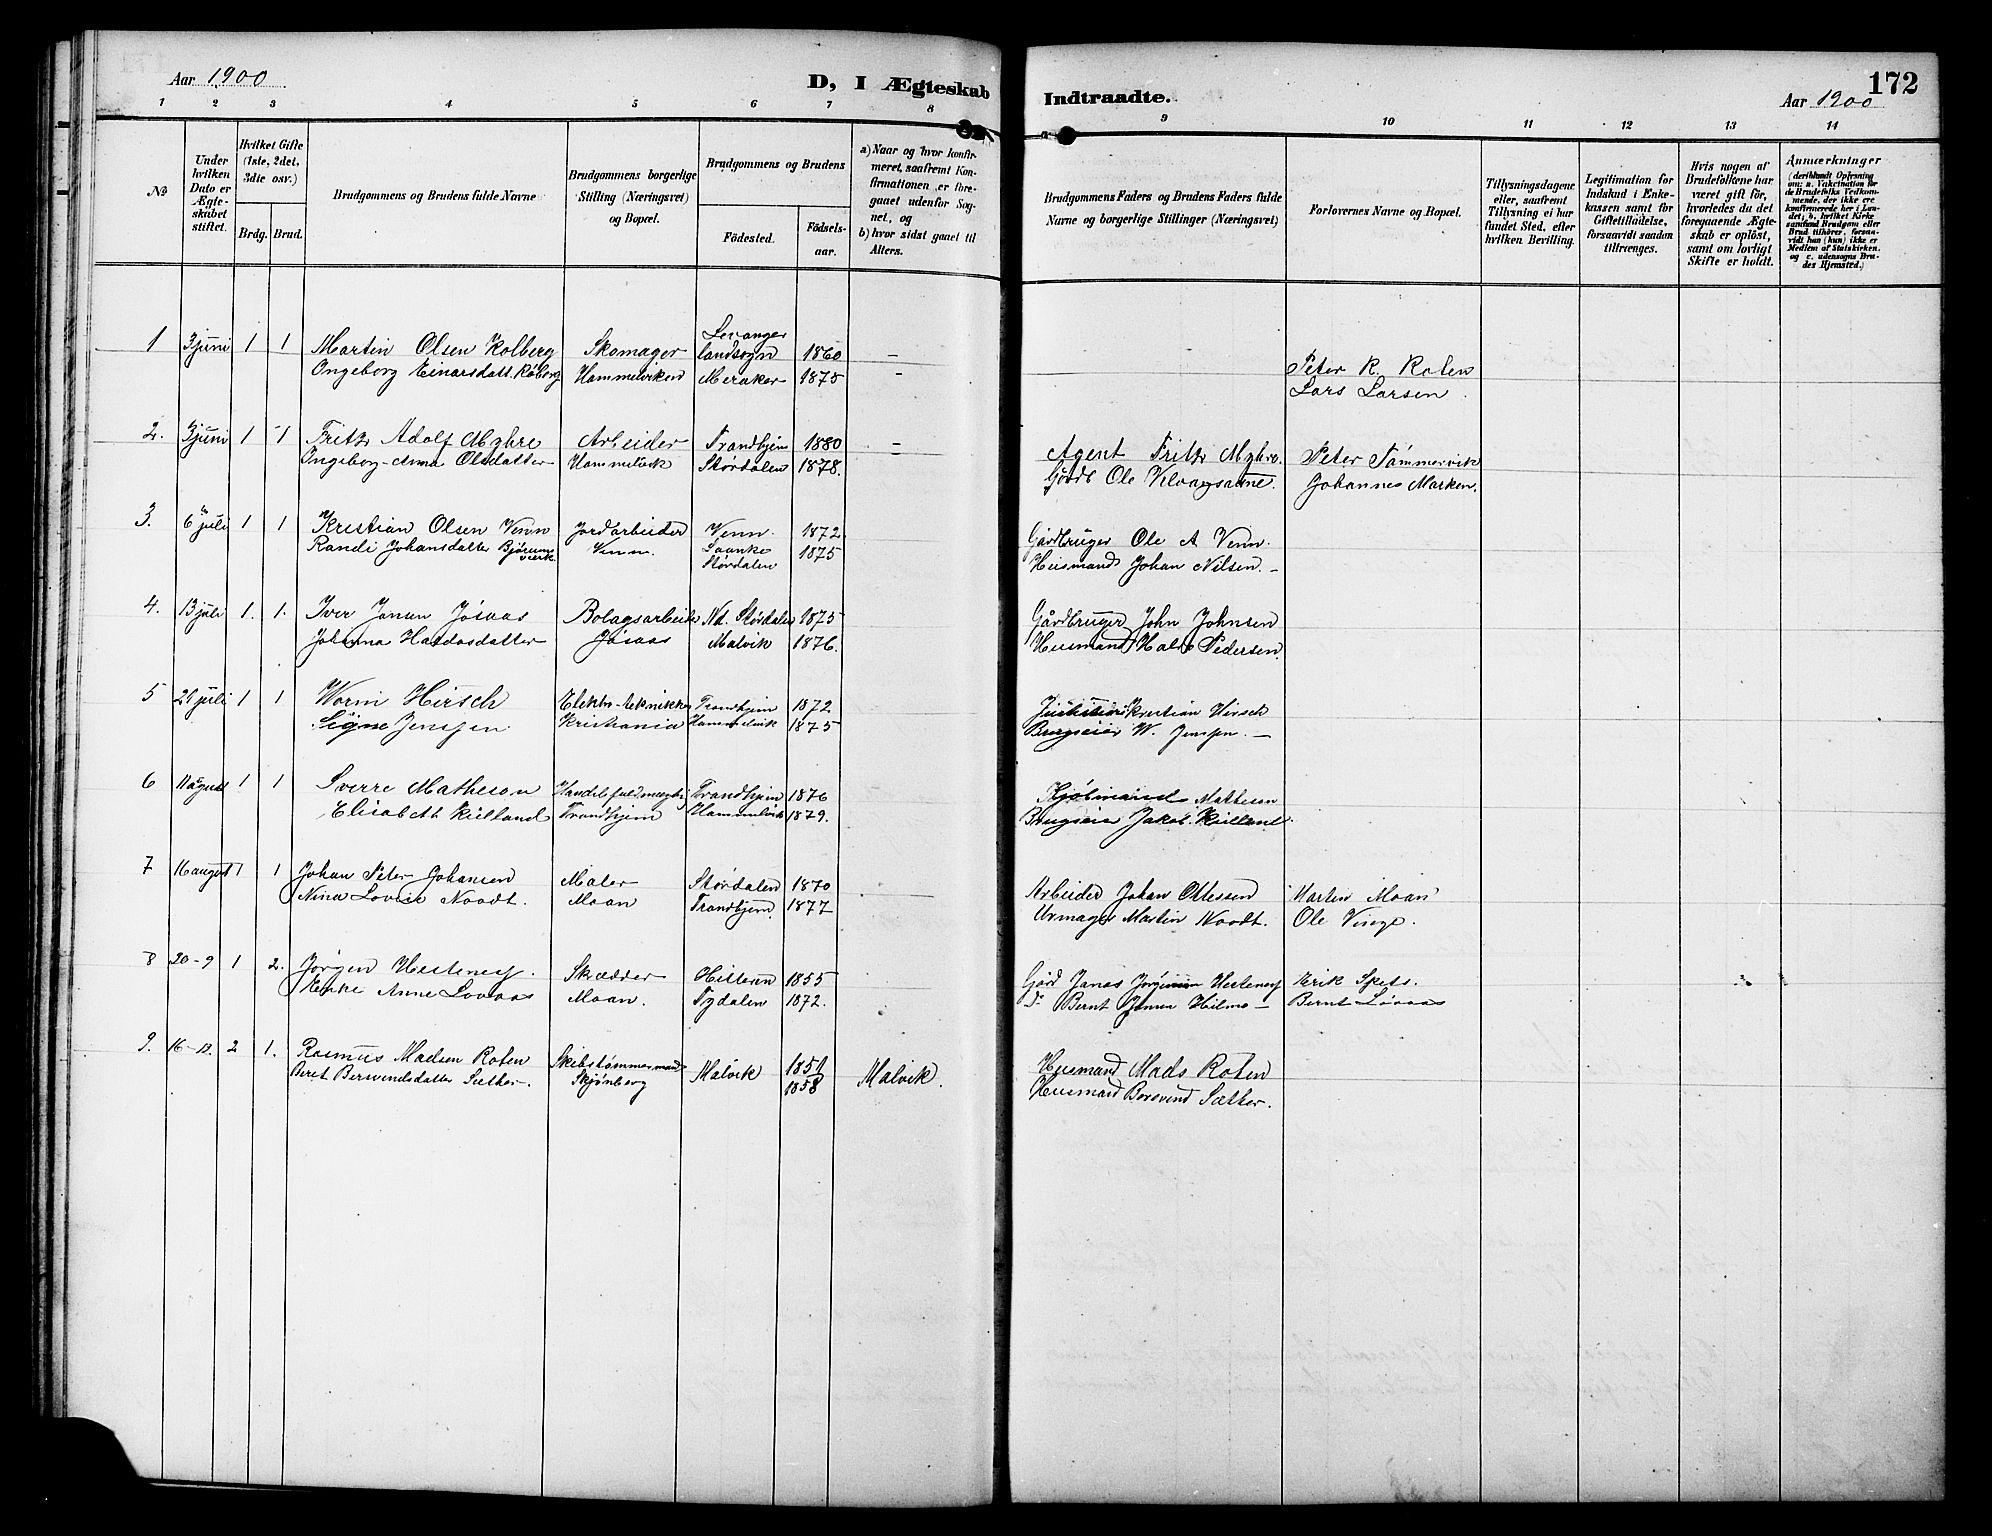 SAT, Ministerialprotokoller, klokkerbøker og fødselsregistre - Sør-Trøndelag, 617/L0431: Klokkerbok nr. 617C01, 1889-1910, s. 172